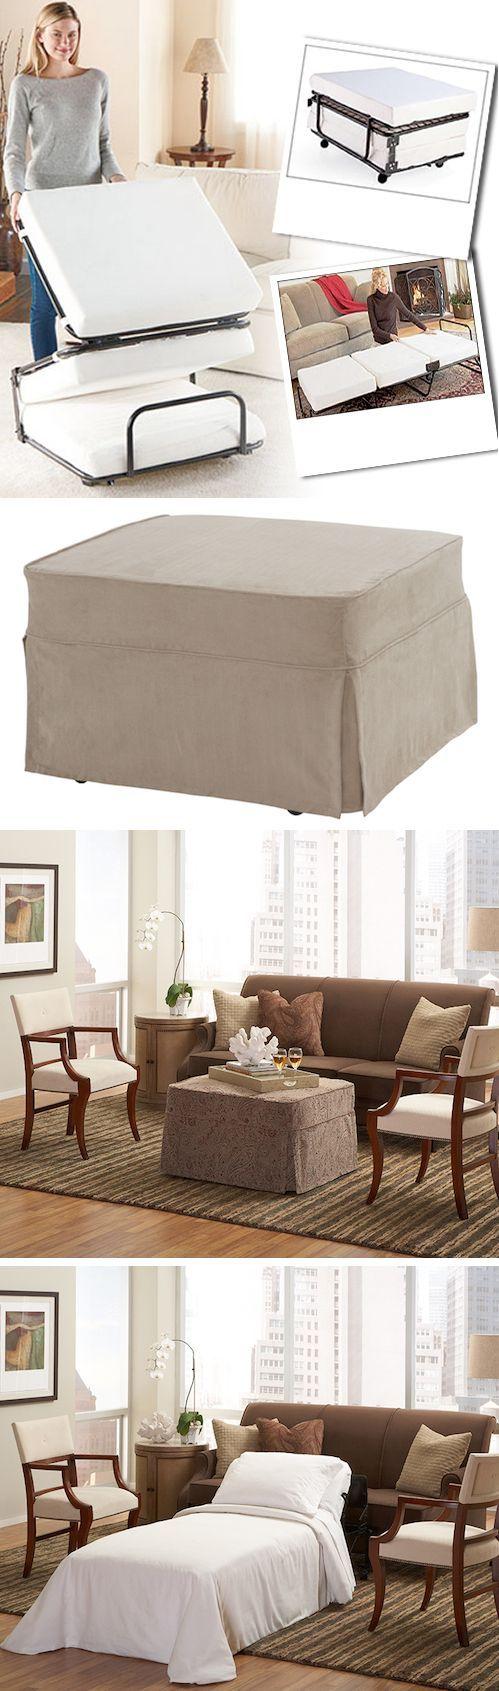 Living Room Design Ideas on Pinterest  Family room design, Living ...